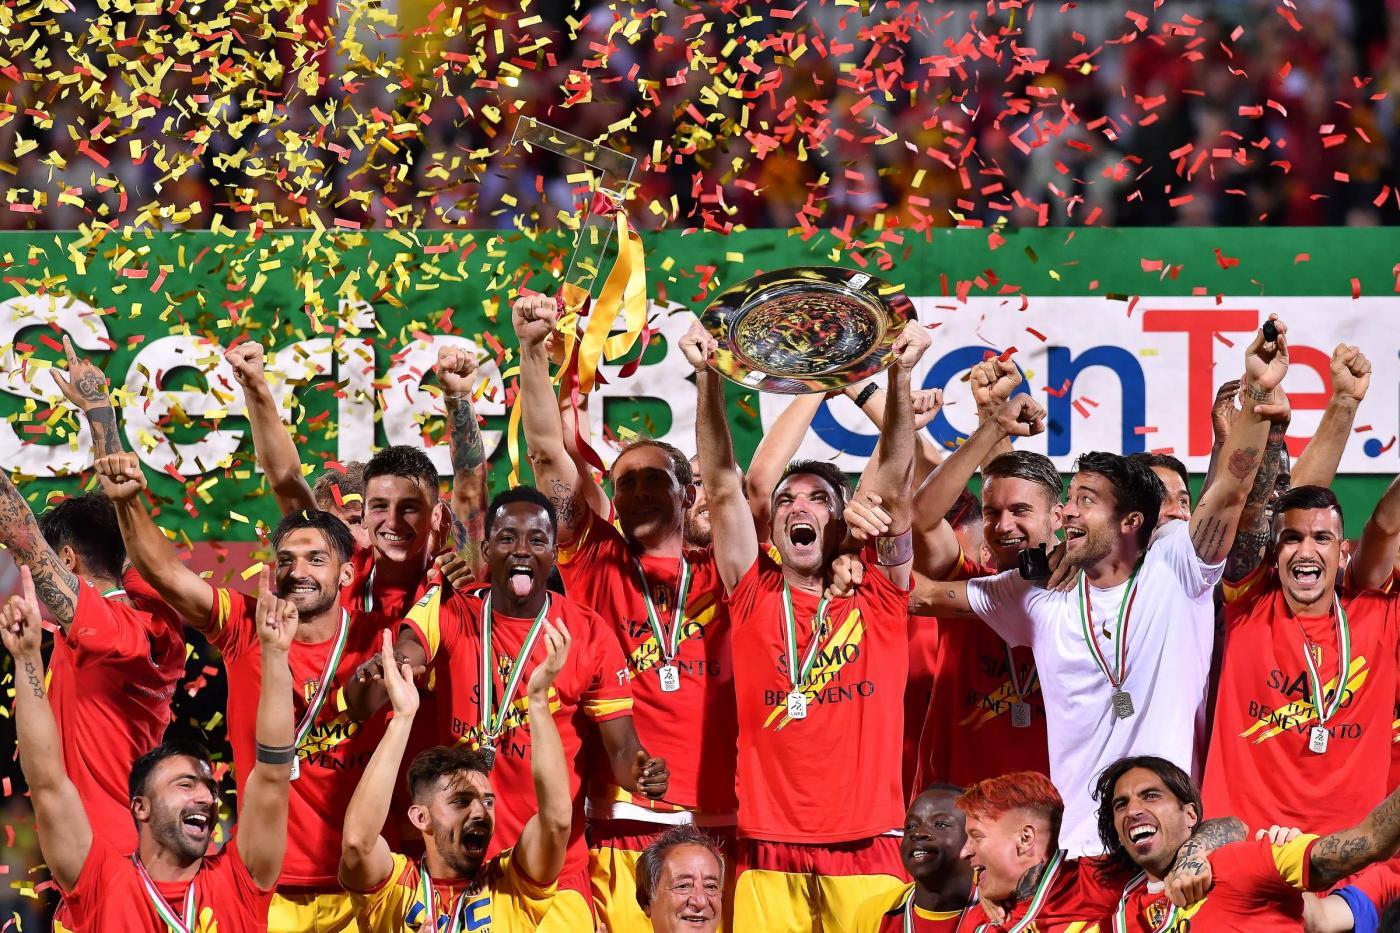 Benevento in festa: storica Serie A